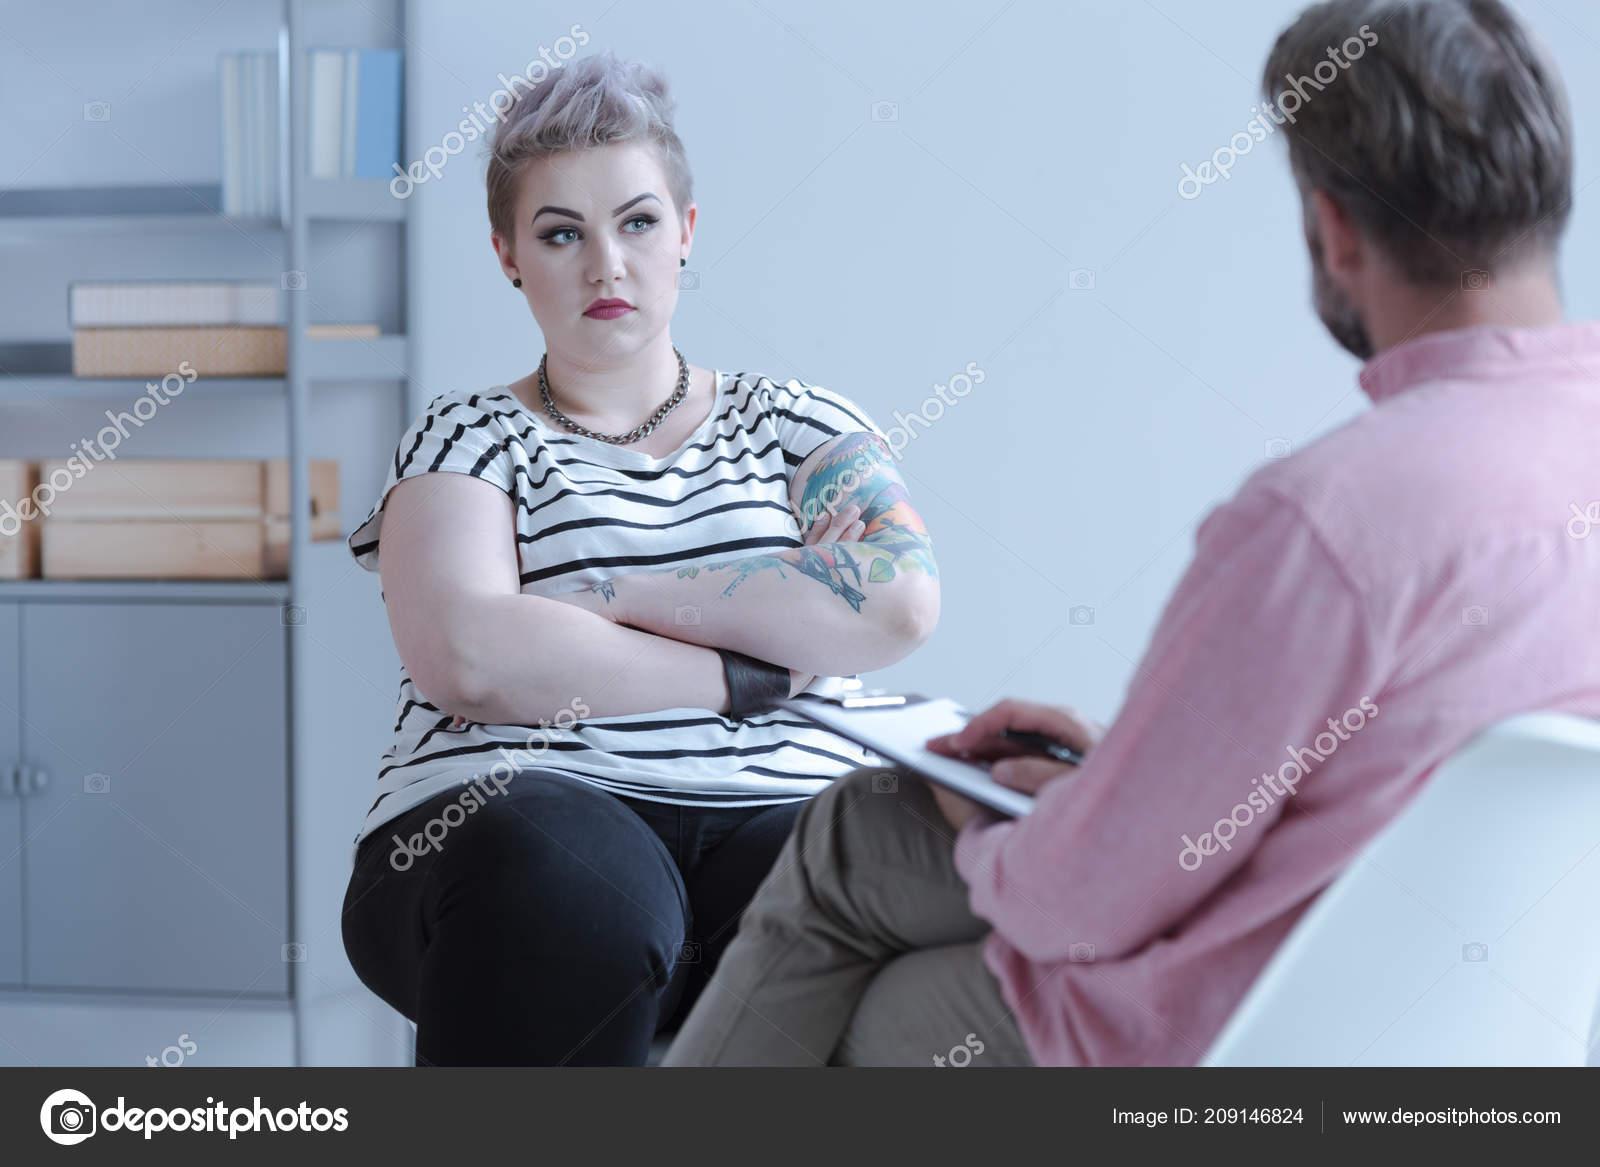 Tattooed Defiant Teenage Girl Sitting Closed Posture